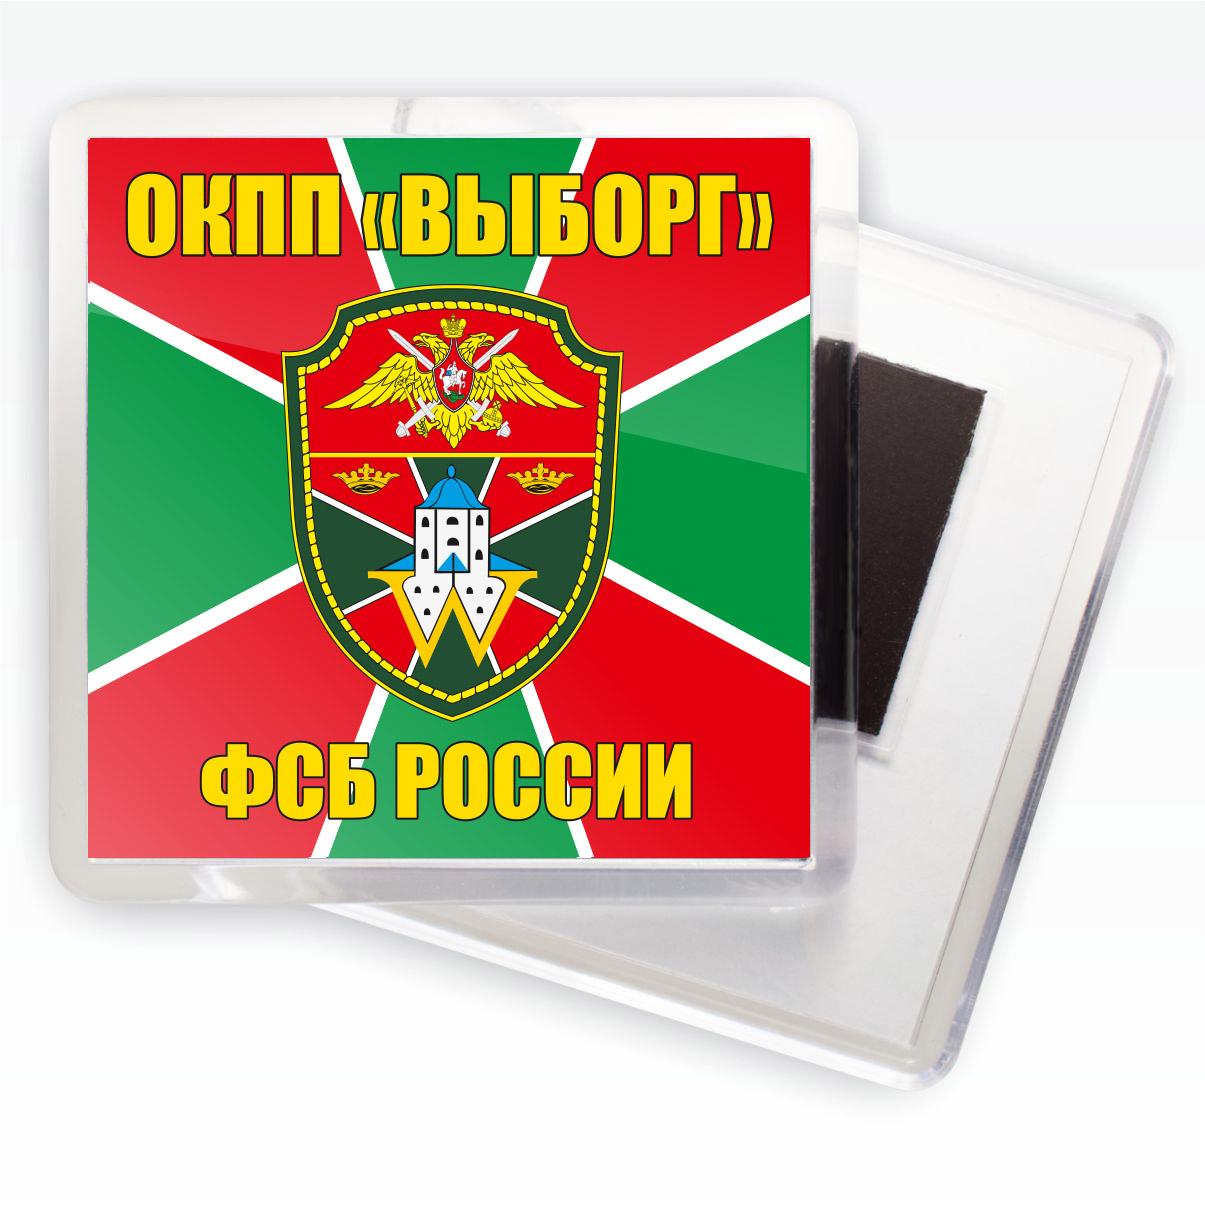 """Магнитик """"ОКПП Выборг"""""""